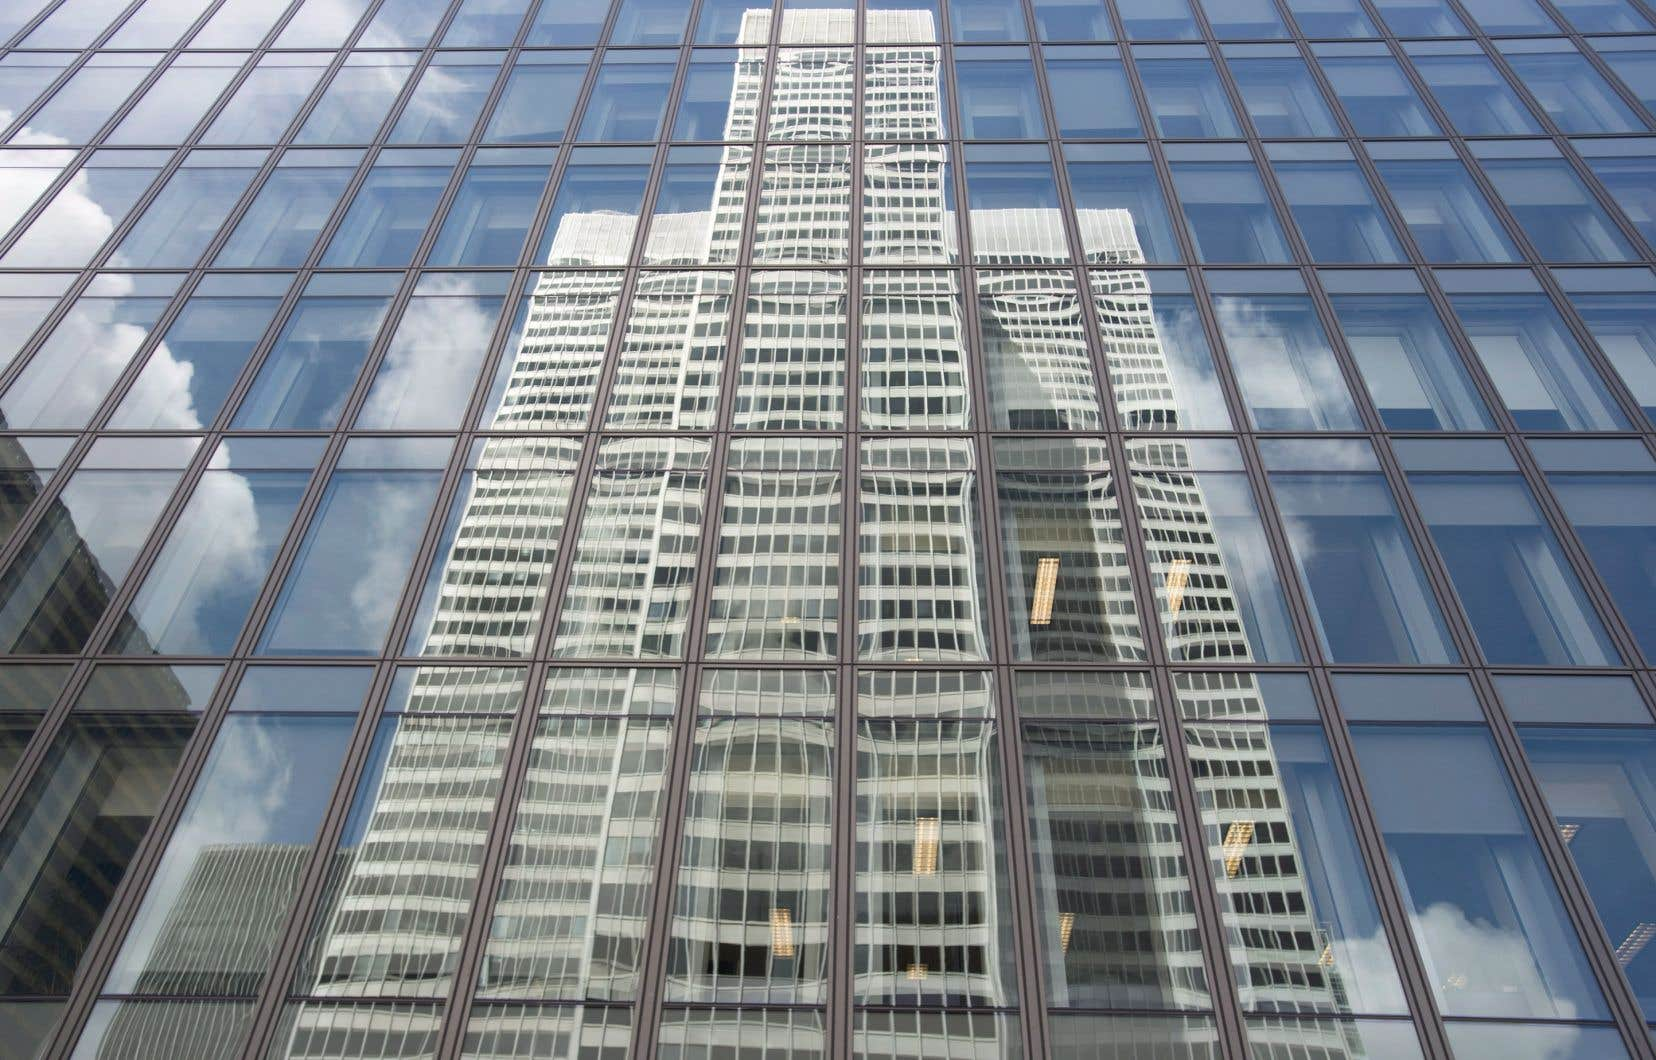 Au cours des dernières années, Ivanhoé Cambridge, dont le portefeuille d'actifs atteint 64milliards de dollars, a investi plus de 1 milliard de dollars dans différents projets au centre-ville.